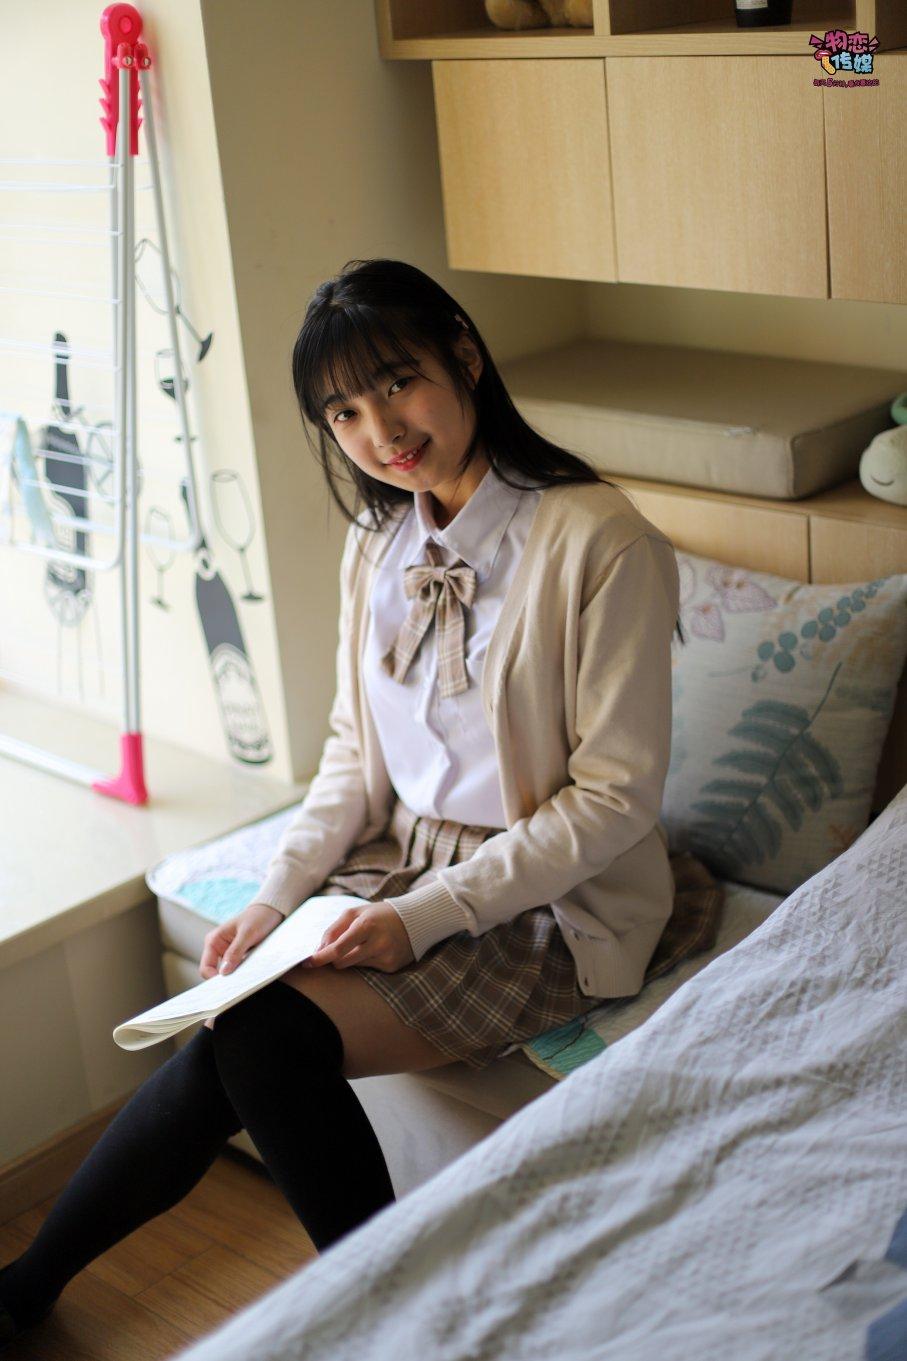 005期:秋木苏-嫩到滴水的高一女生(JK、皮鞋、棉袜、黑丝、白丝、丝袜、过膝袜、裸足)